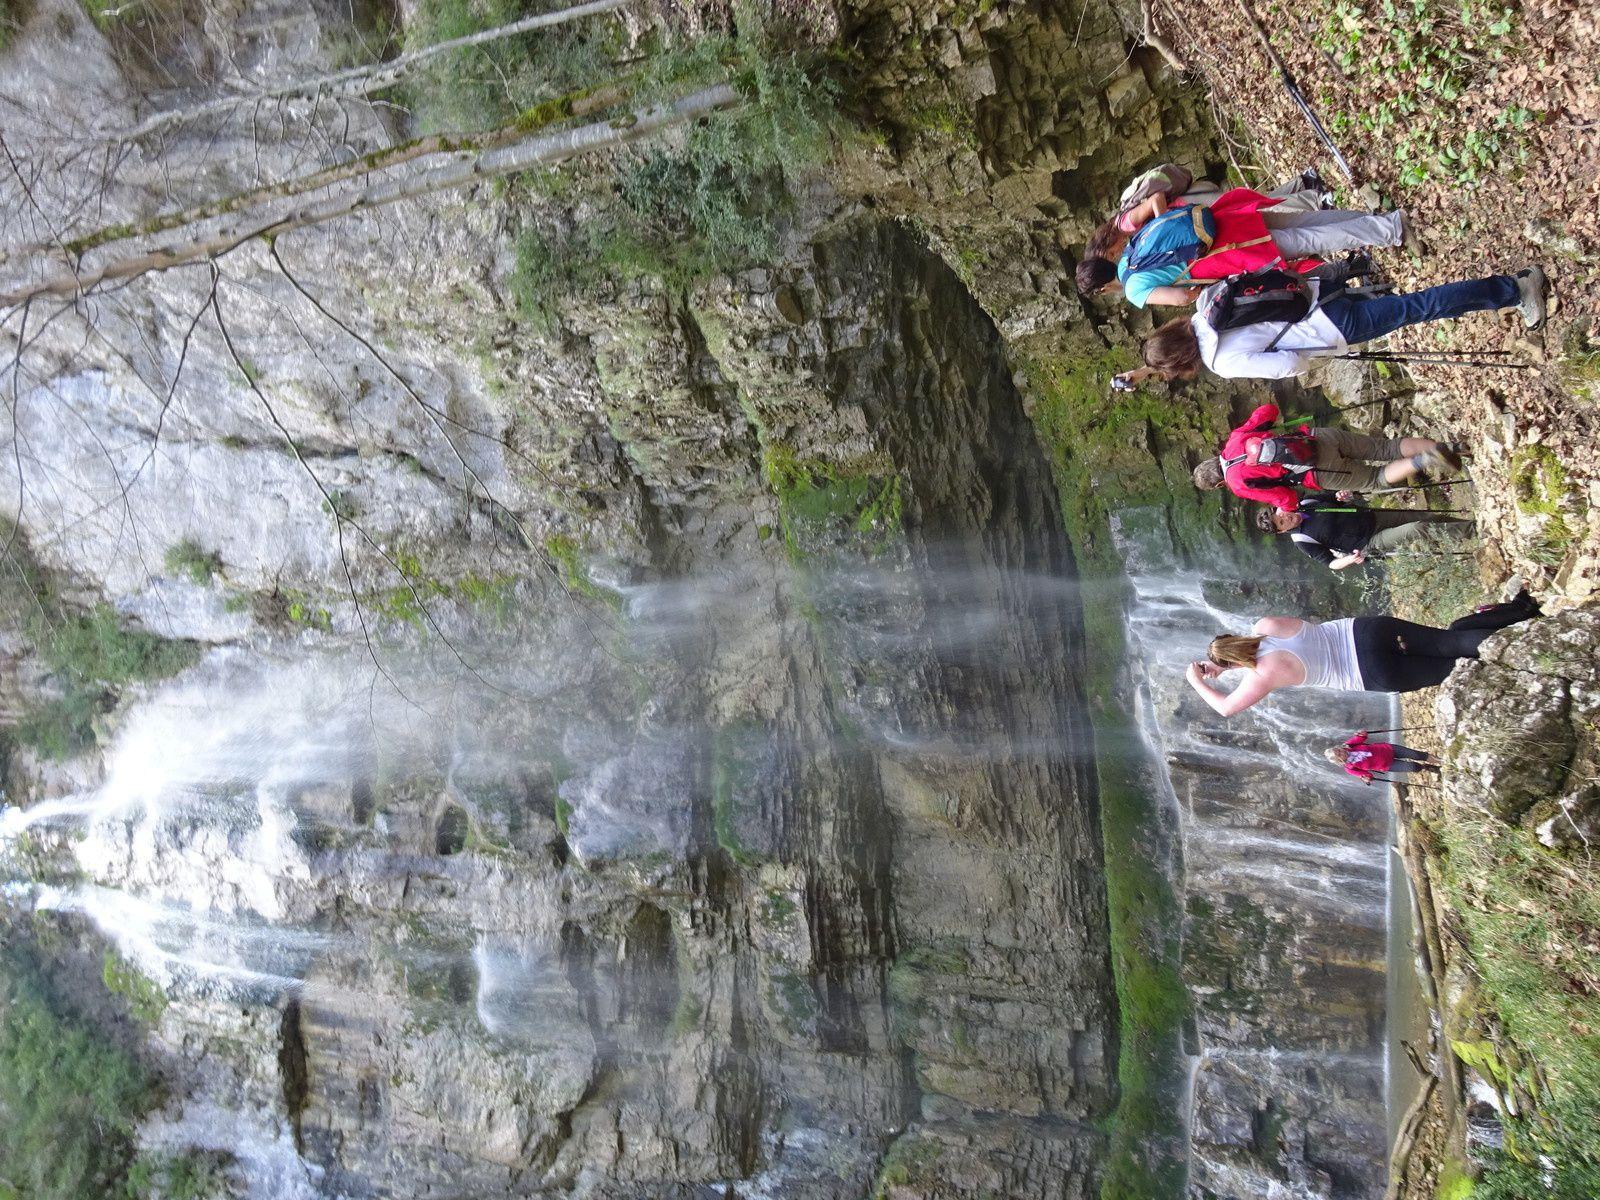 Arrivée à la splendide cascade de la Gerlette située dans un cirque.